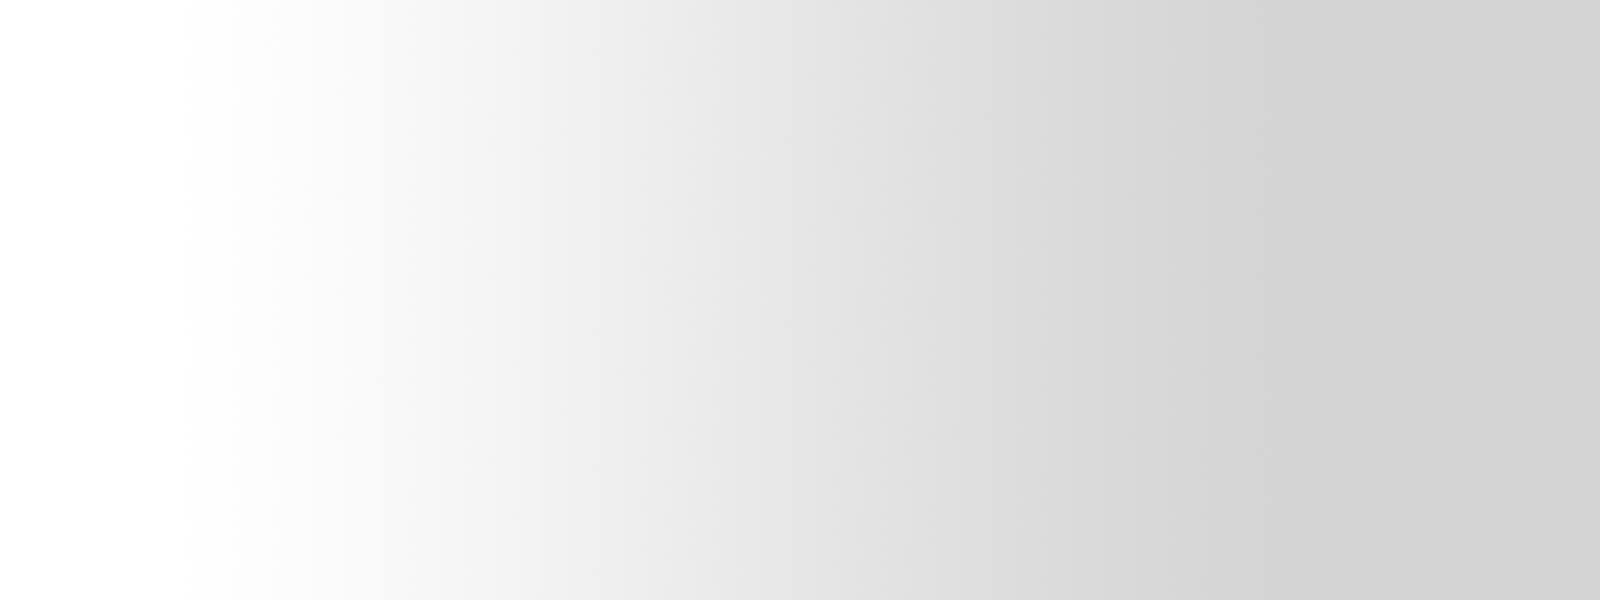 بک گراند اسلاید انجمن هنرهای نمایشی ایران، هویت بصری انجمن هنرهای نمایشی ایران، طراحی لوگو، طراحی لوگوتایپ، شرکت تبلیغاتی الف، طراحی هویت بصری